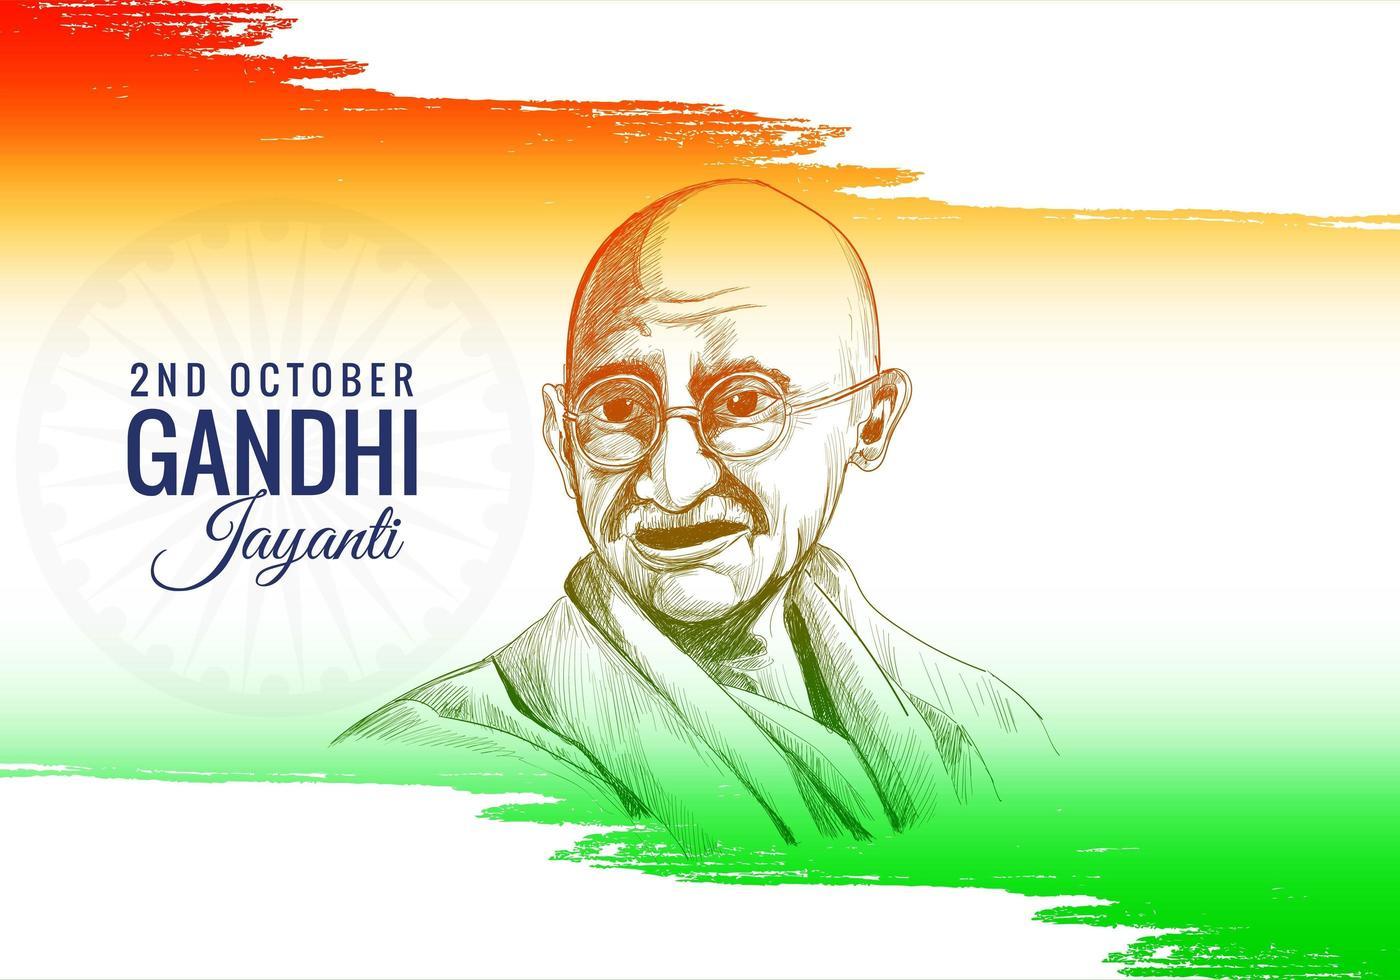 Gandhi Jayanti feierte als Nationalfeiertag Hintergrund vektor